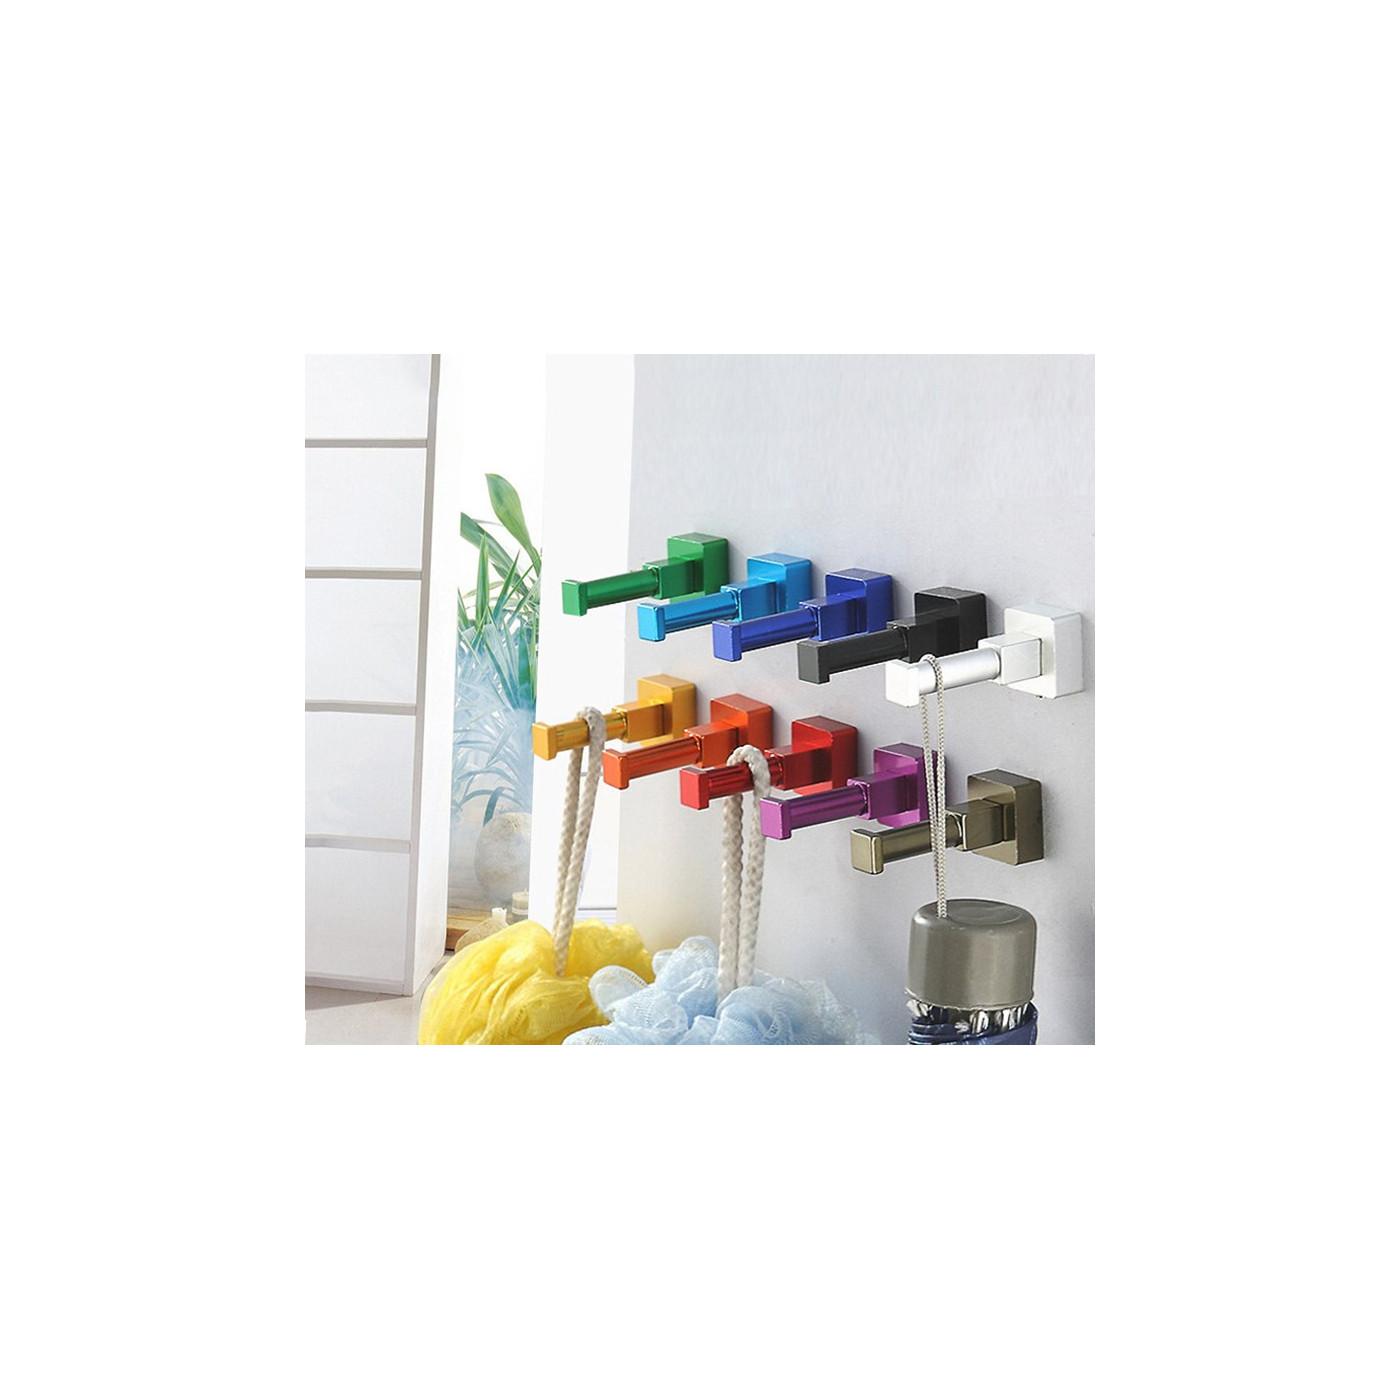 Set van 10 kleurrijke kledinghaken (zilver, vierkant, aluminium)  - 1